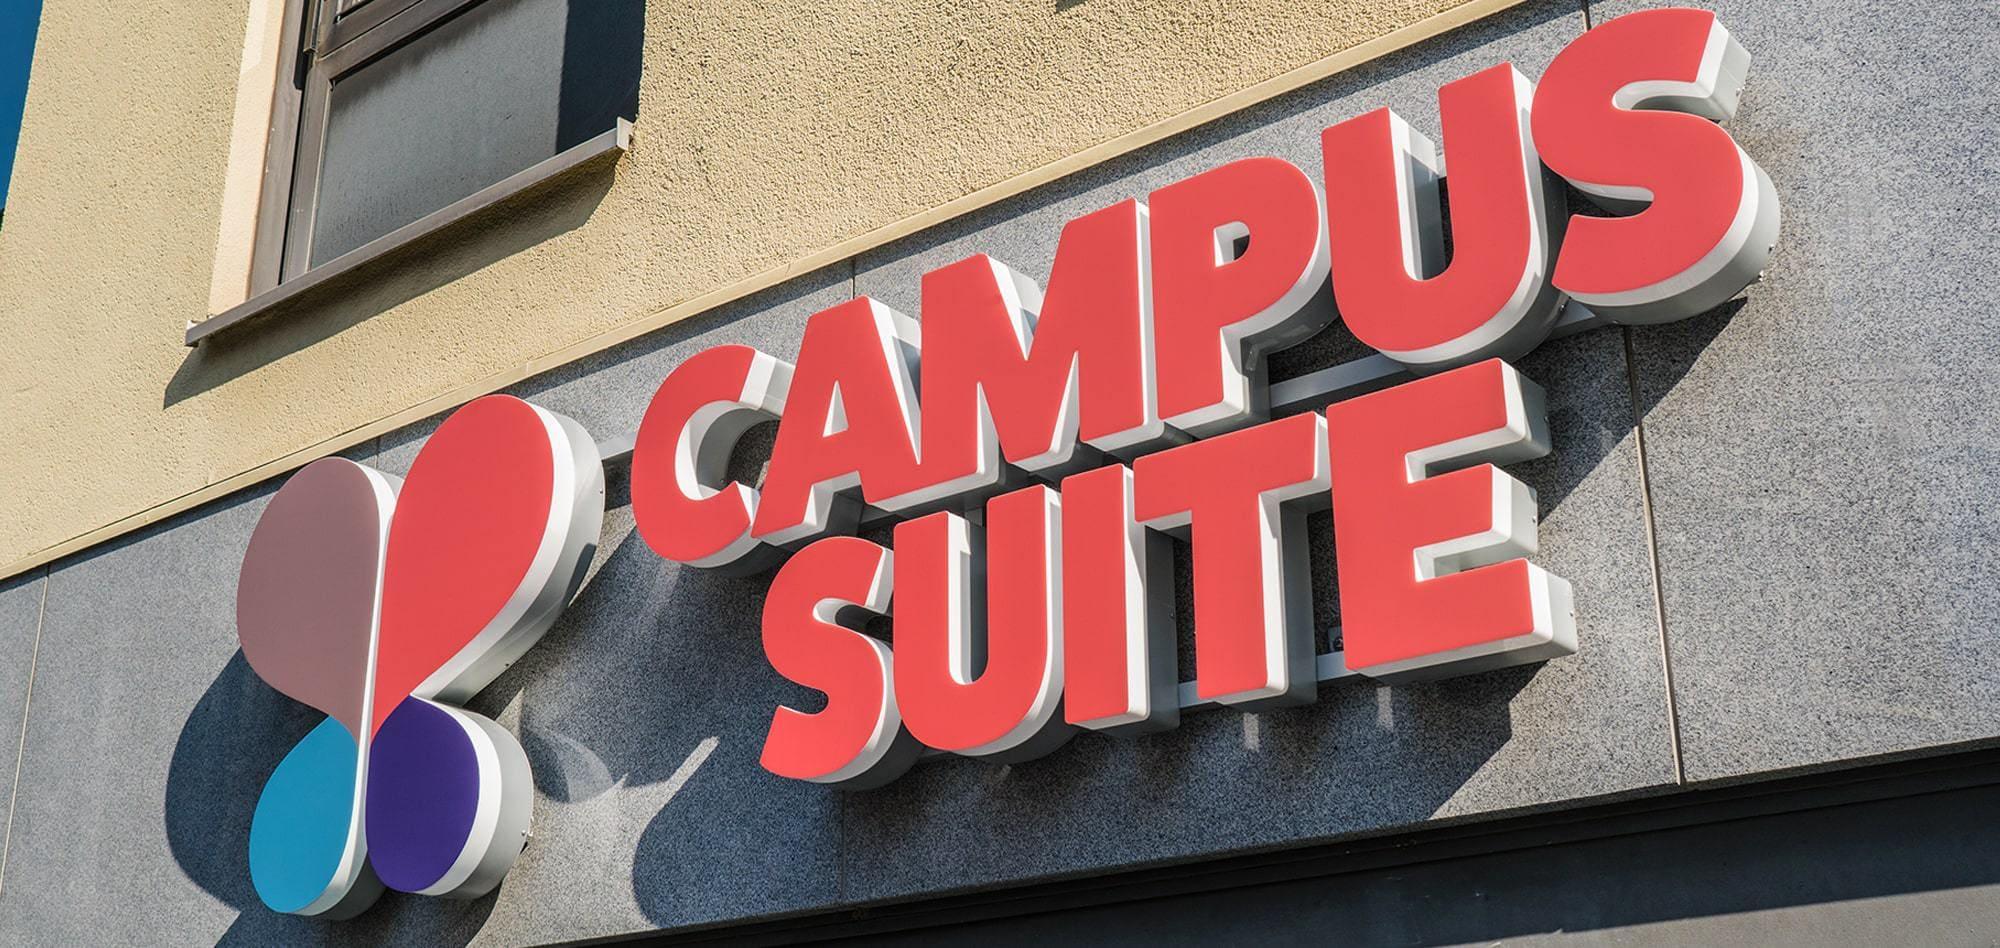 LED Plexiglasbuchstaben in Profil 9c gefertigt, montiert auf eine Kabelleiste für ein Hamburger Coffeeshop